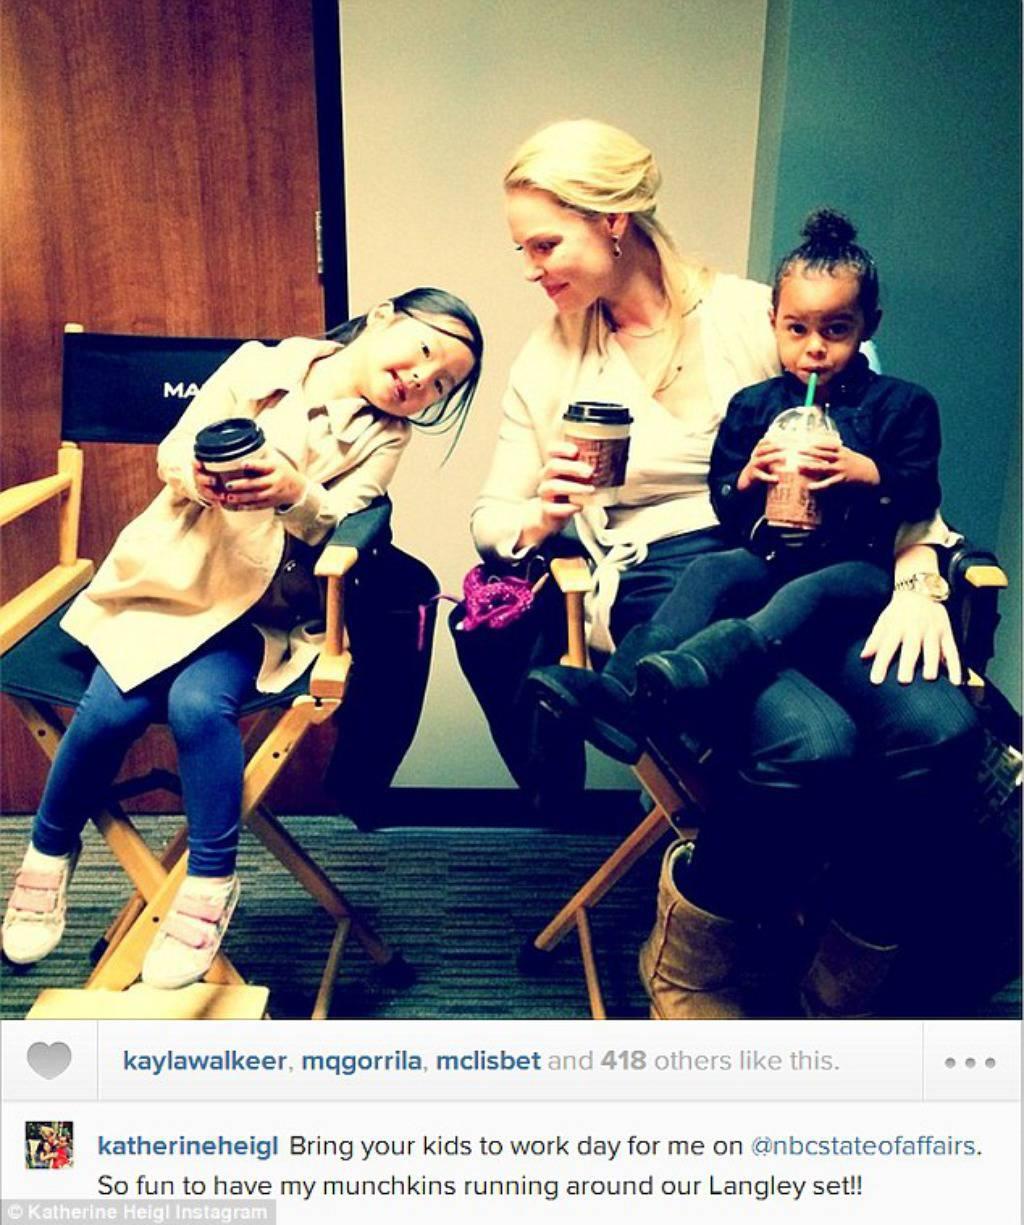 Heigl fotografijom s kćerima pokušava vratiti dobar imidž